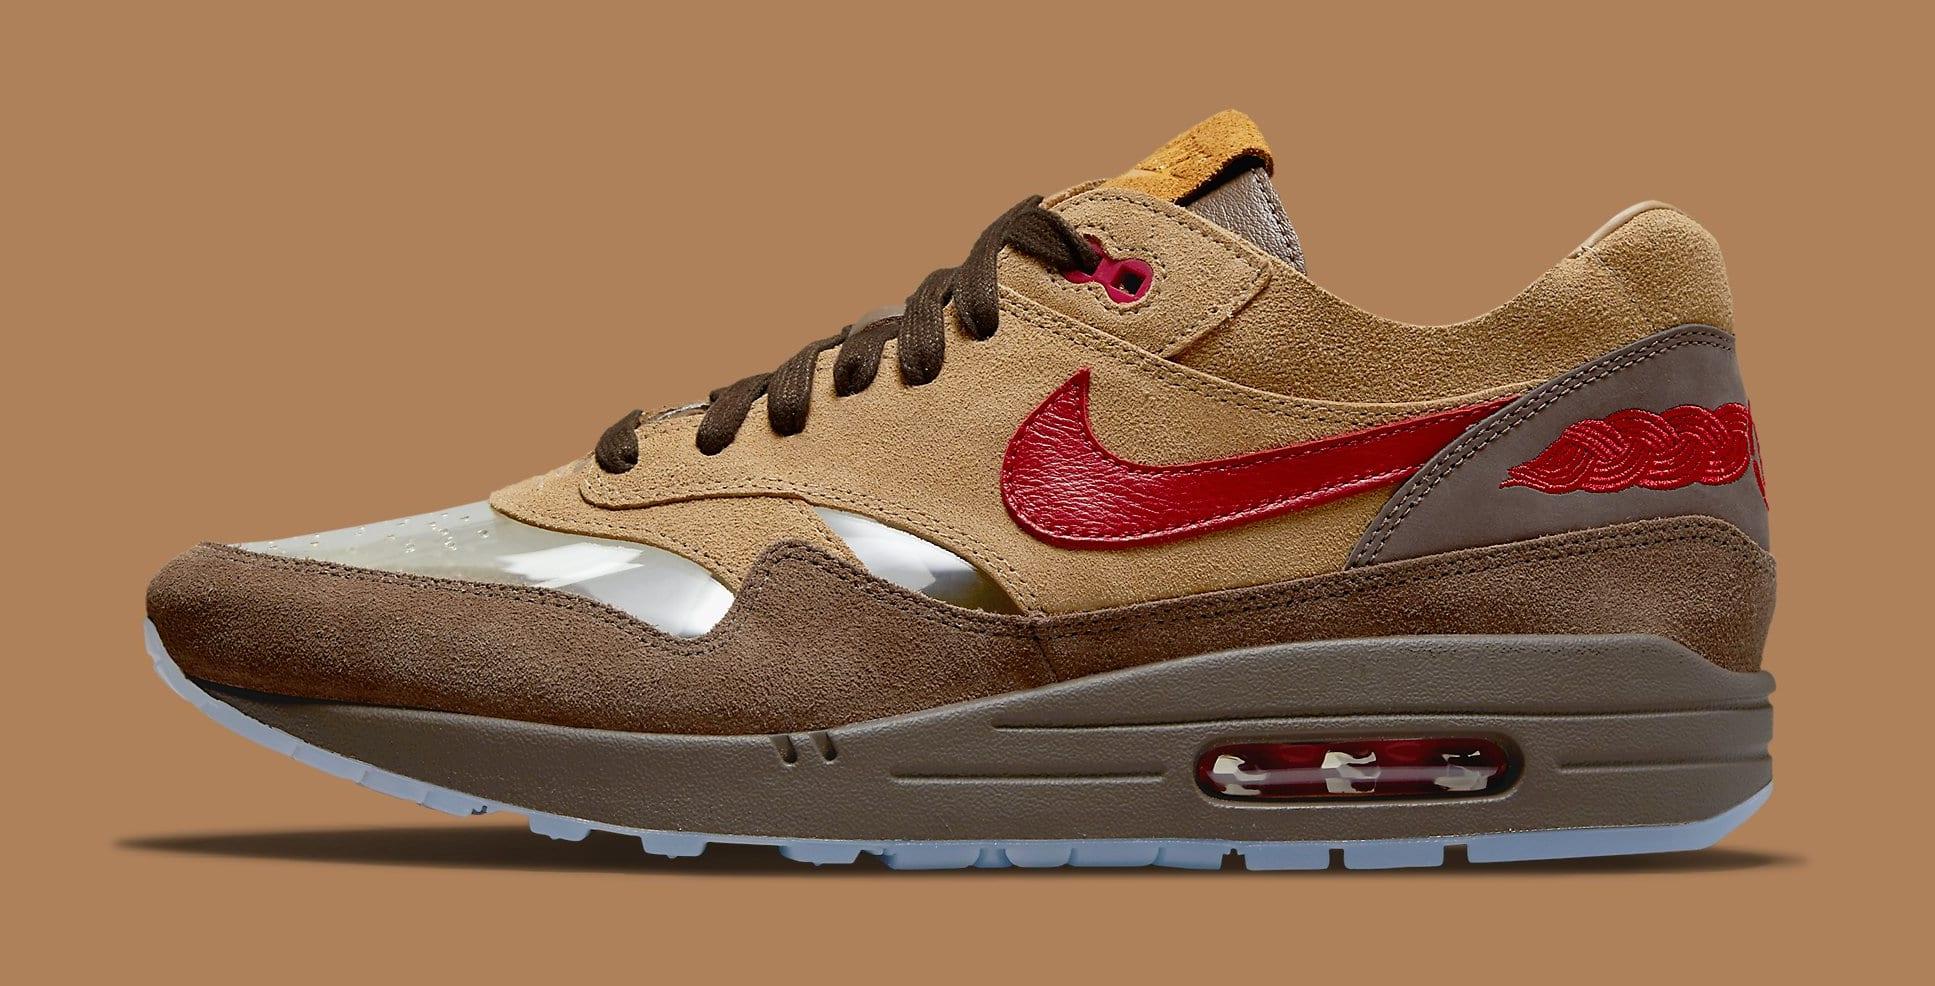 Clot x Nike Air Max 1 'K.O.D. - CHA' DD1870-200 Lateral